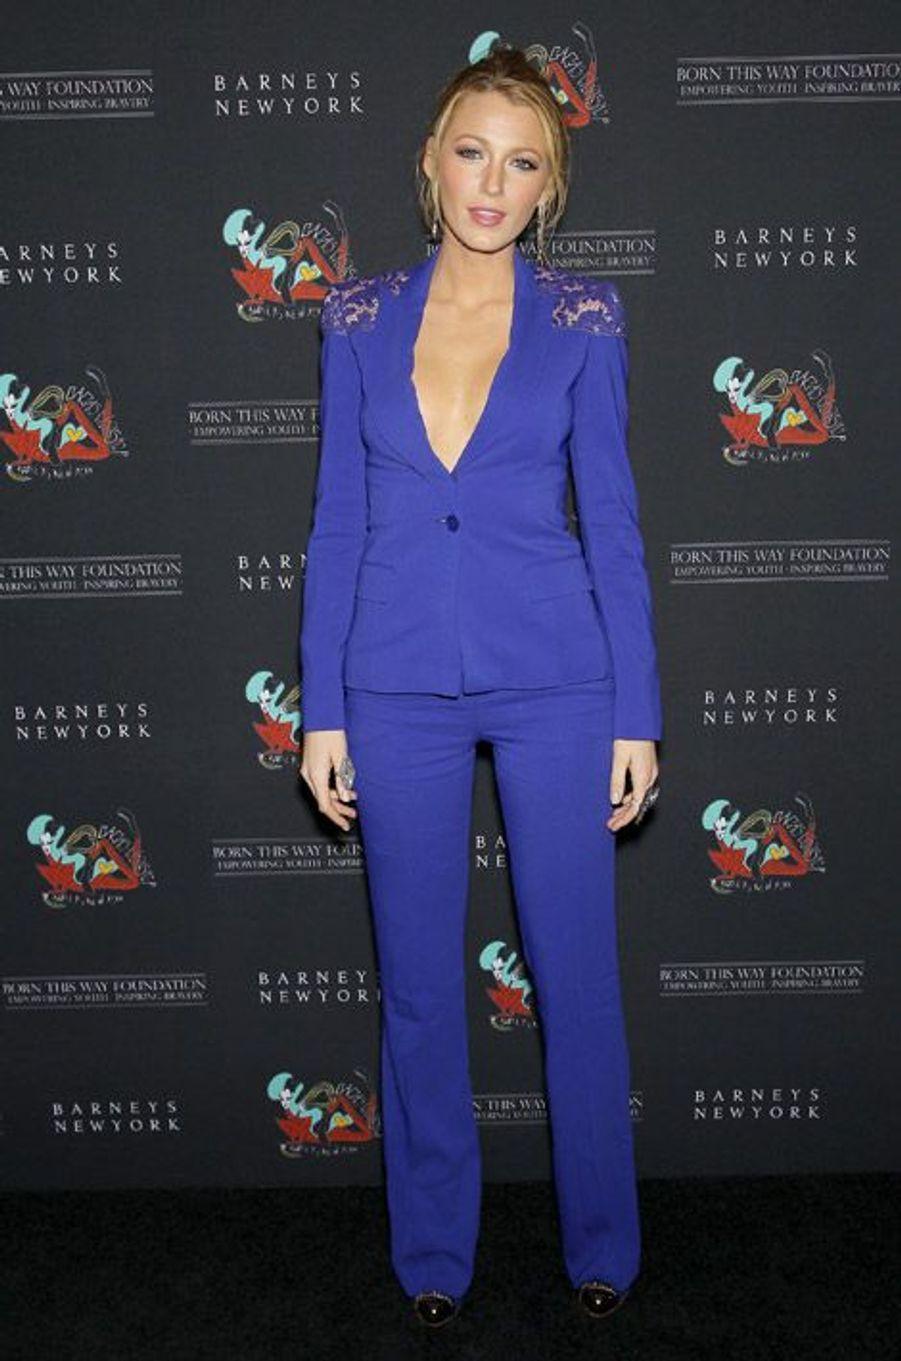 L'actrice Blake Lively lors d'une soirée à New York, le 21 novembre 2011